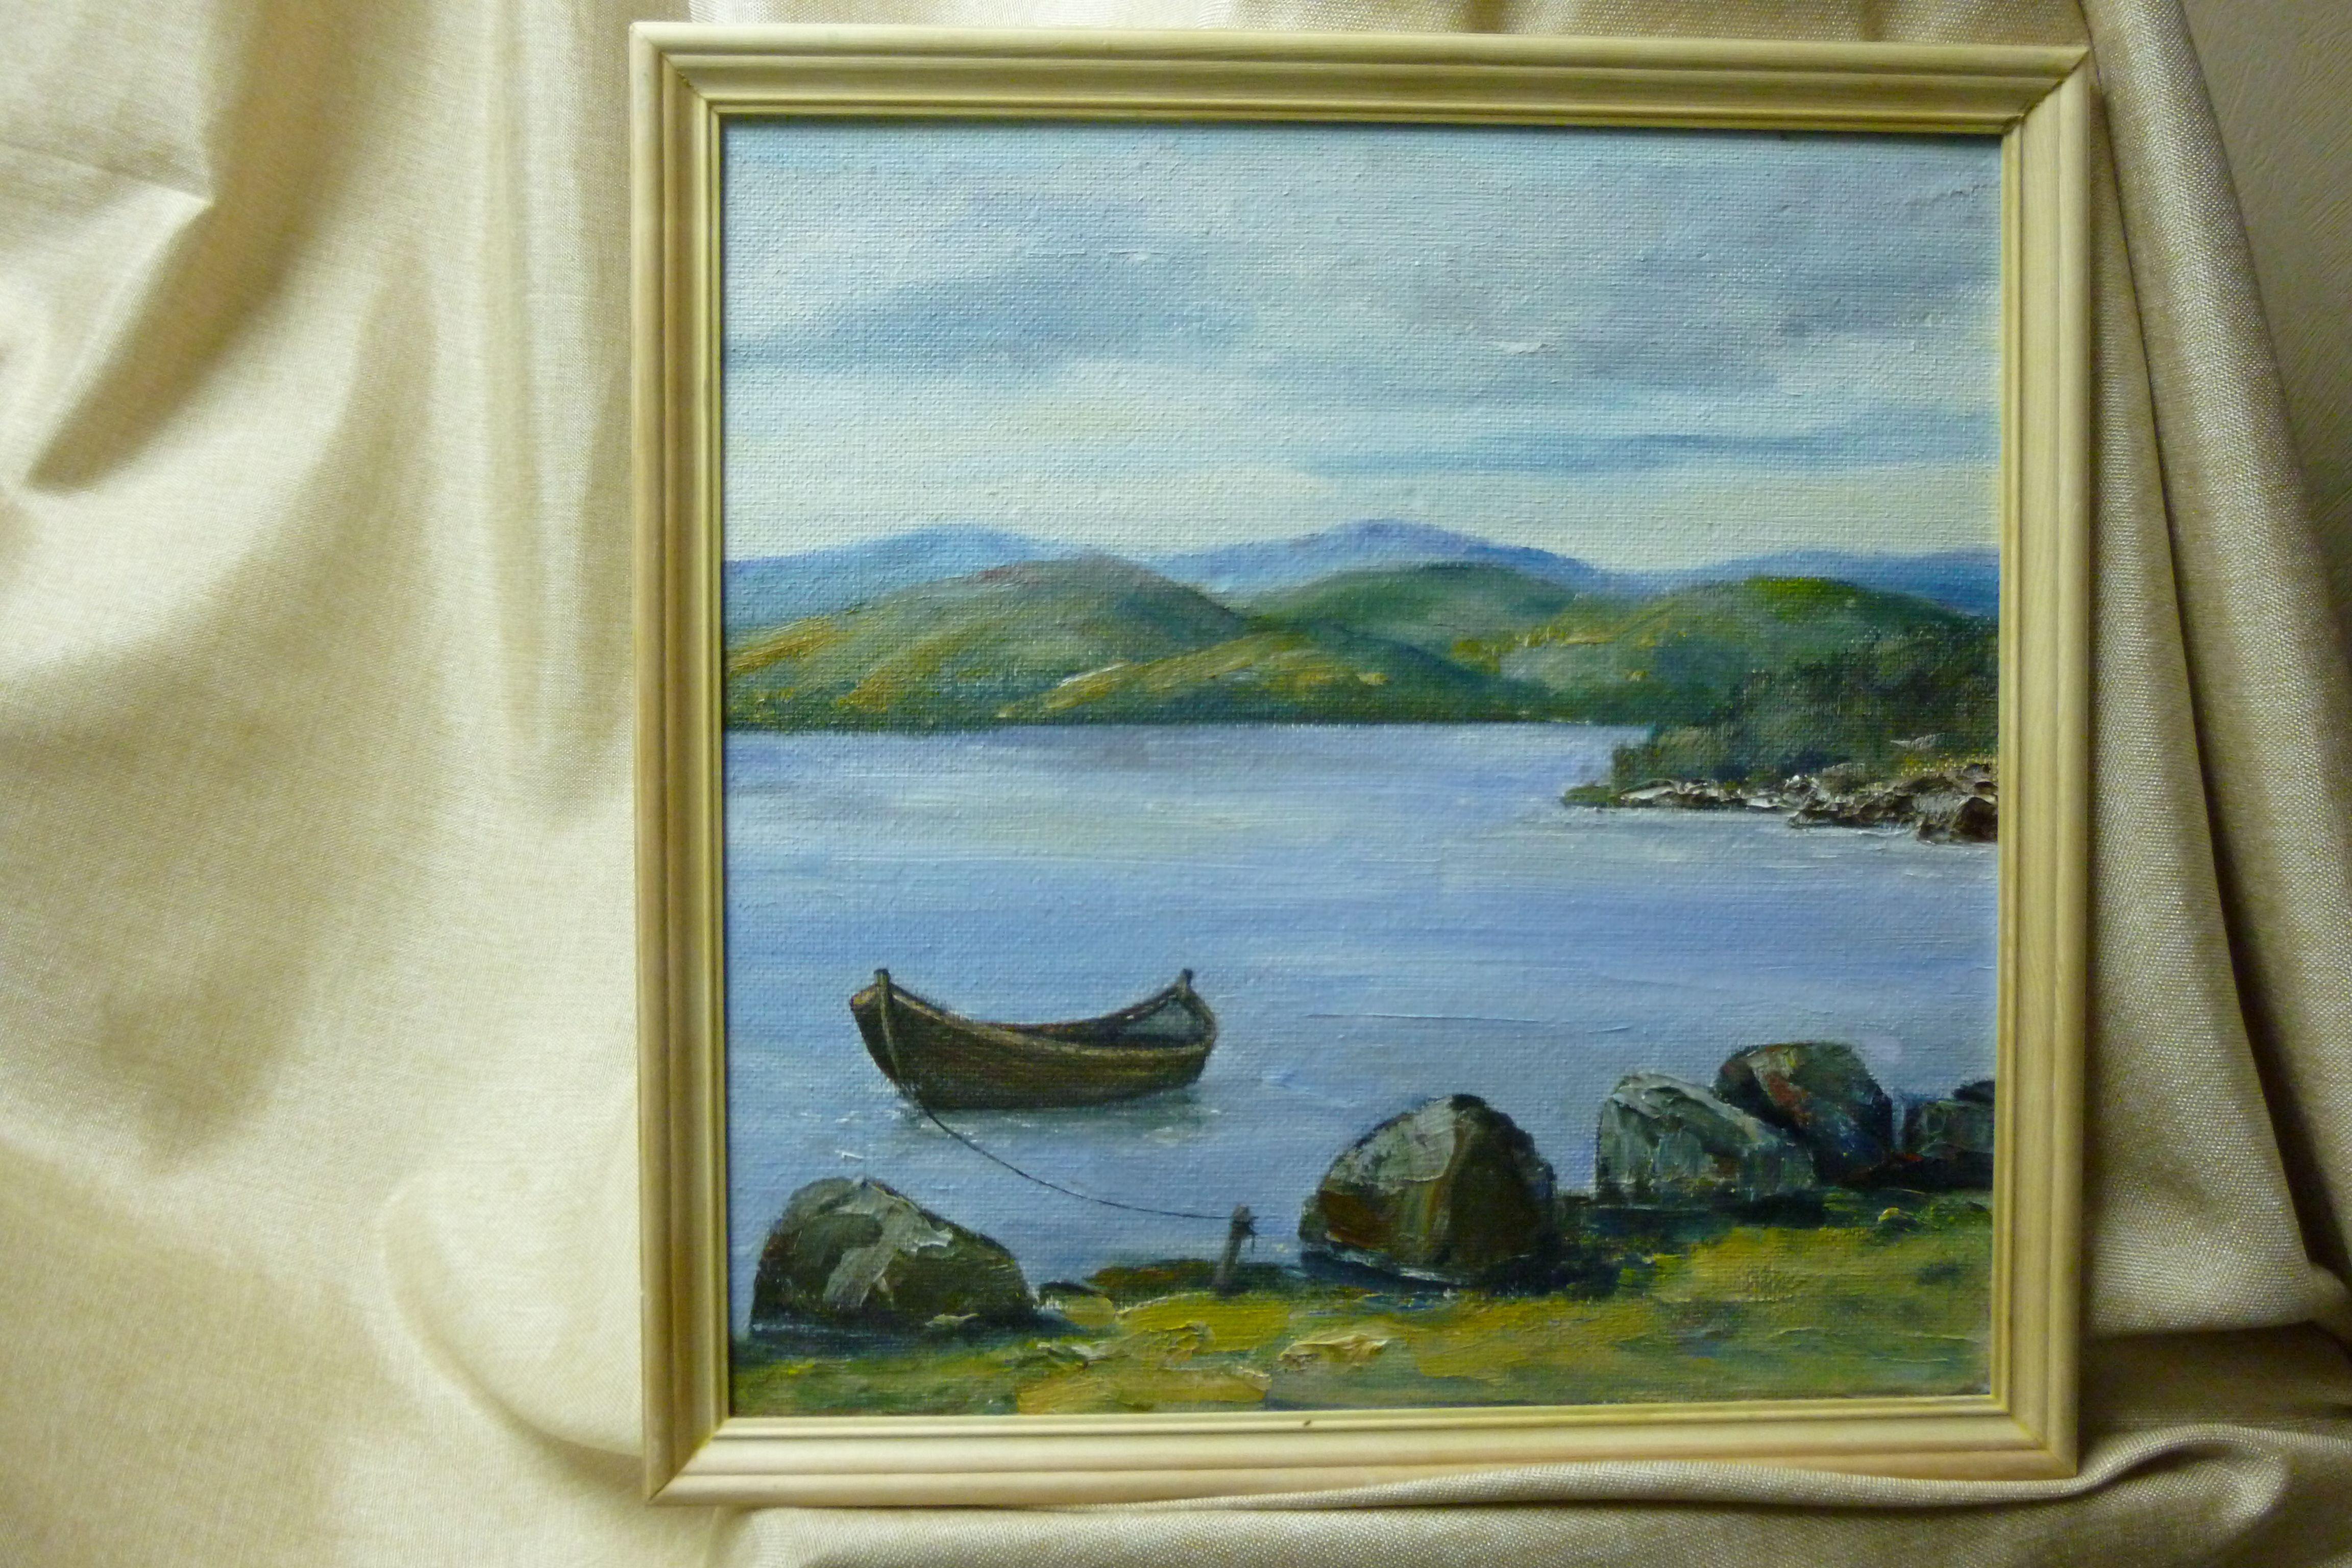 лодка зеленый море берег сопки картинамаслом север голубой камни пейзаж